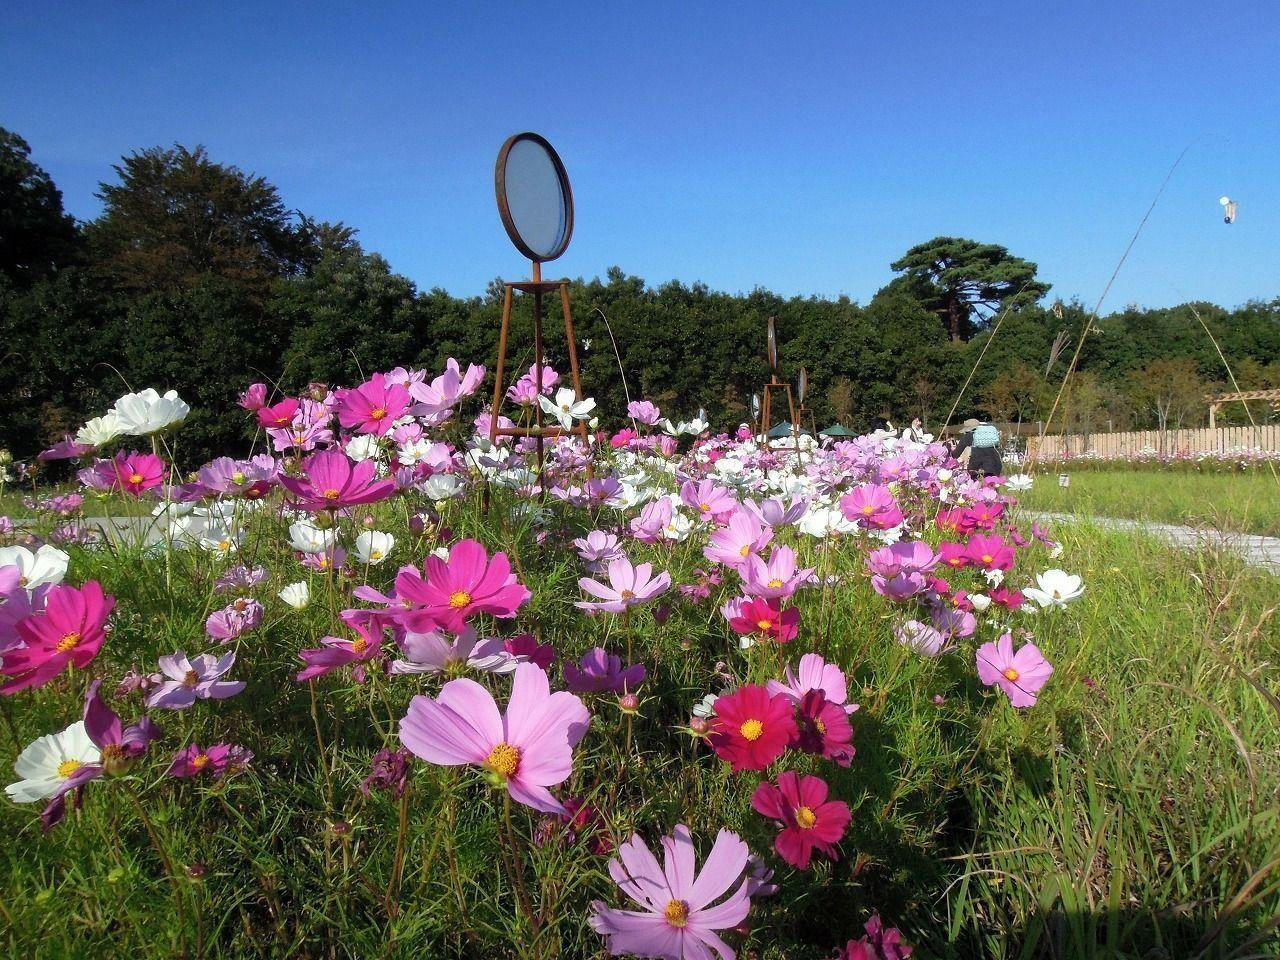 畑だけじゃない。植物もたくさんあります。調布に行けば神代植物公園もあるくらい。